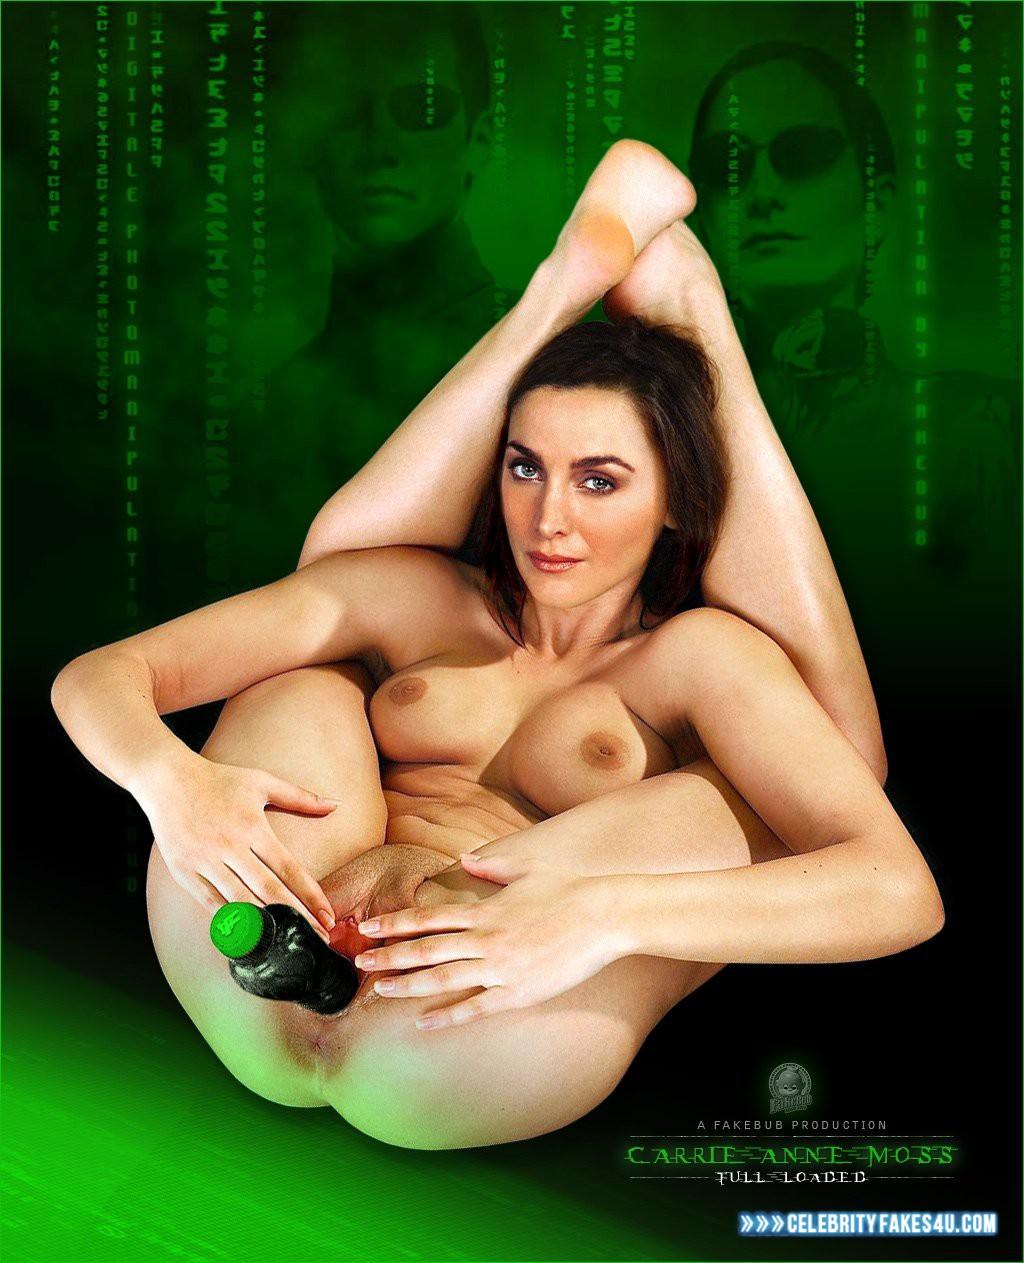 Какая актриса снимается в порно под именем тринити, видео порно сладких старушек